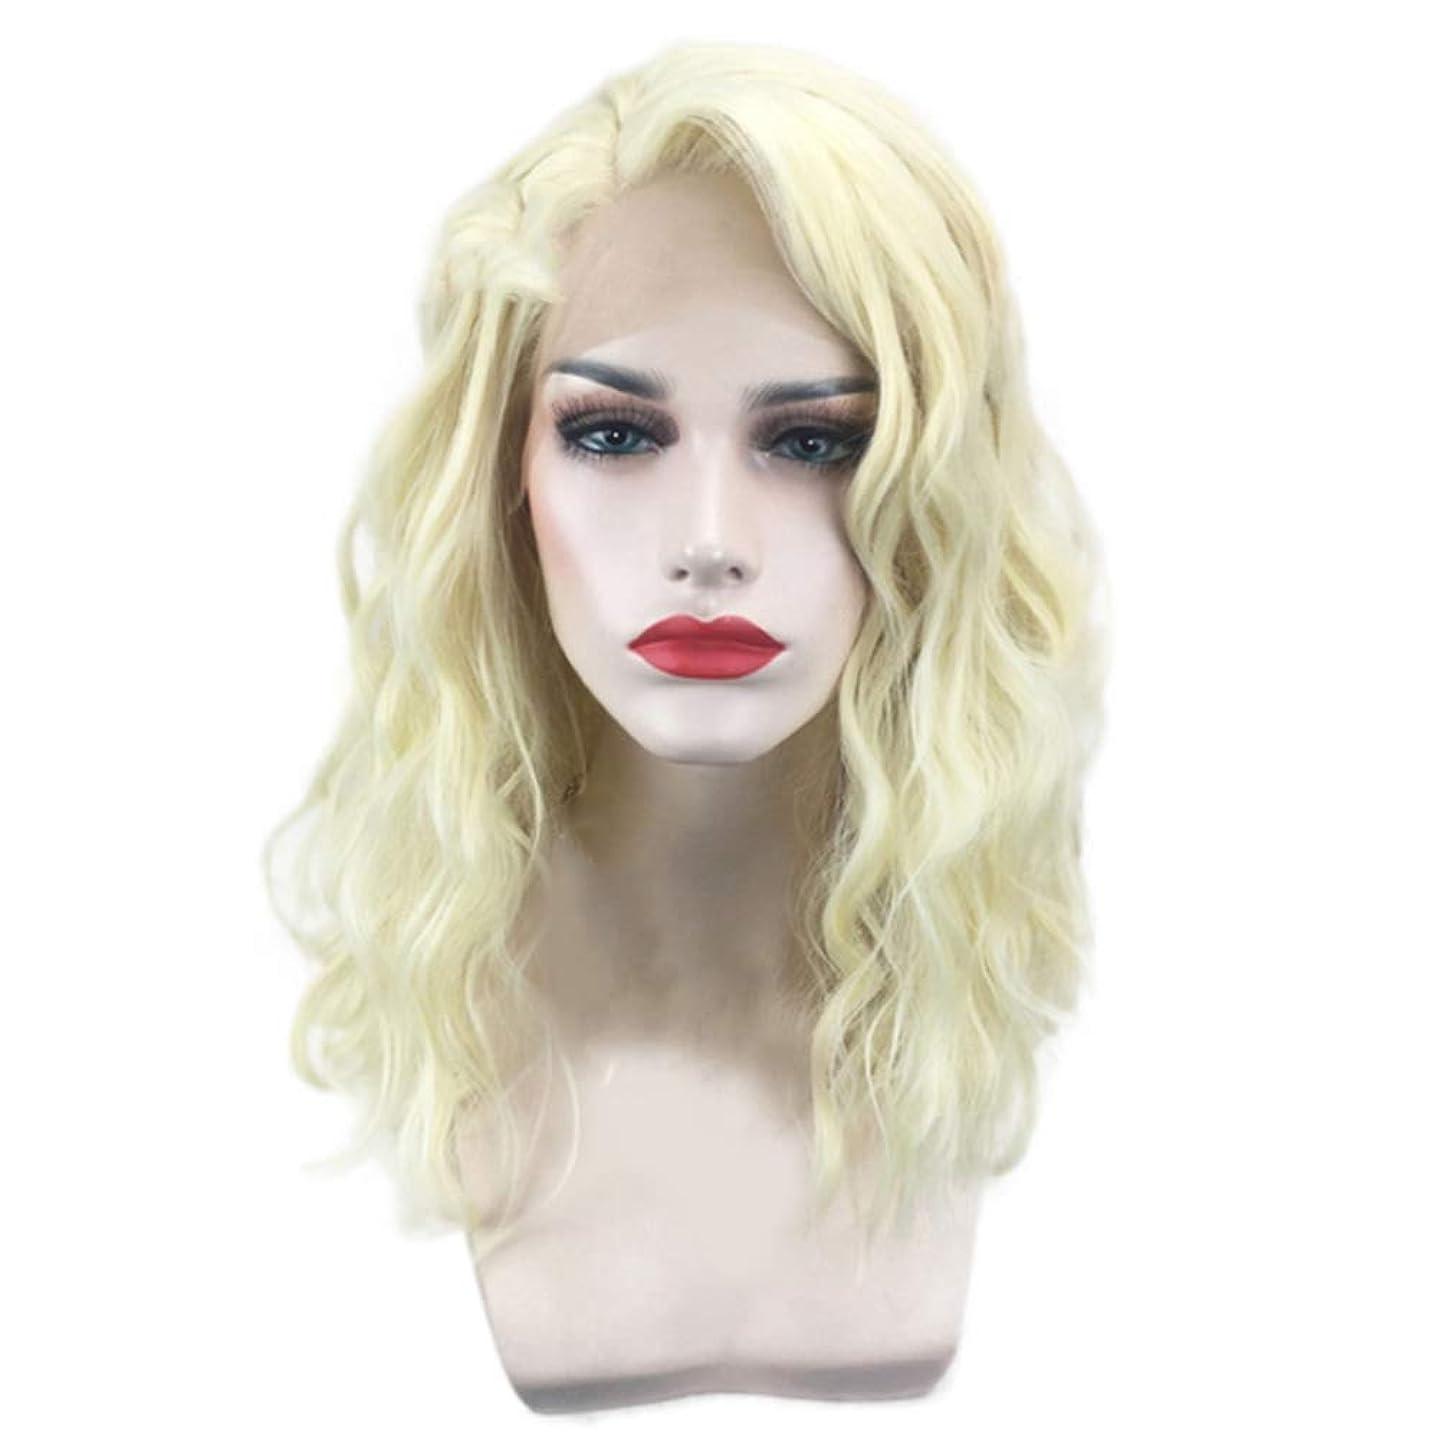 リハーサル常習的放送女性のための短い巻き毛のかつらゴールドウェーブヘアかつら自然に見える耐熱合成ファッションかつらコスプレ気質